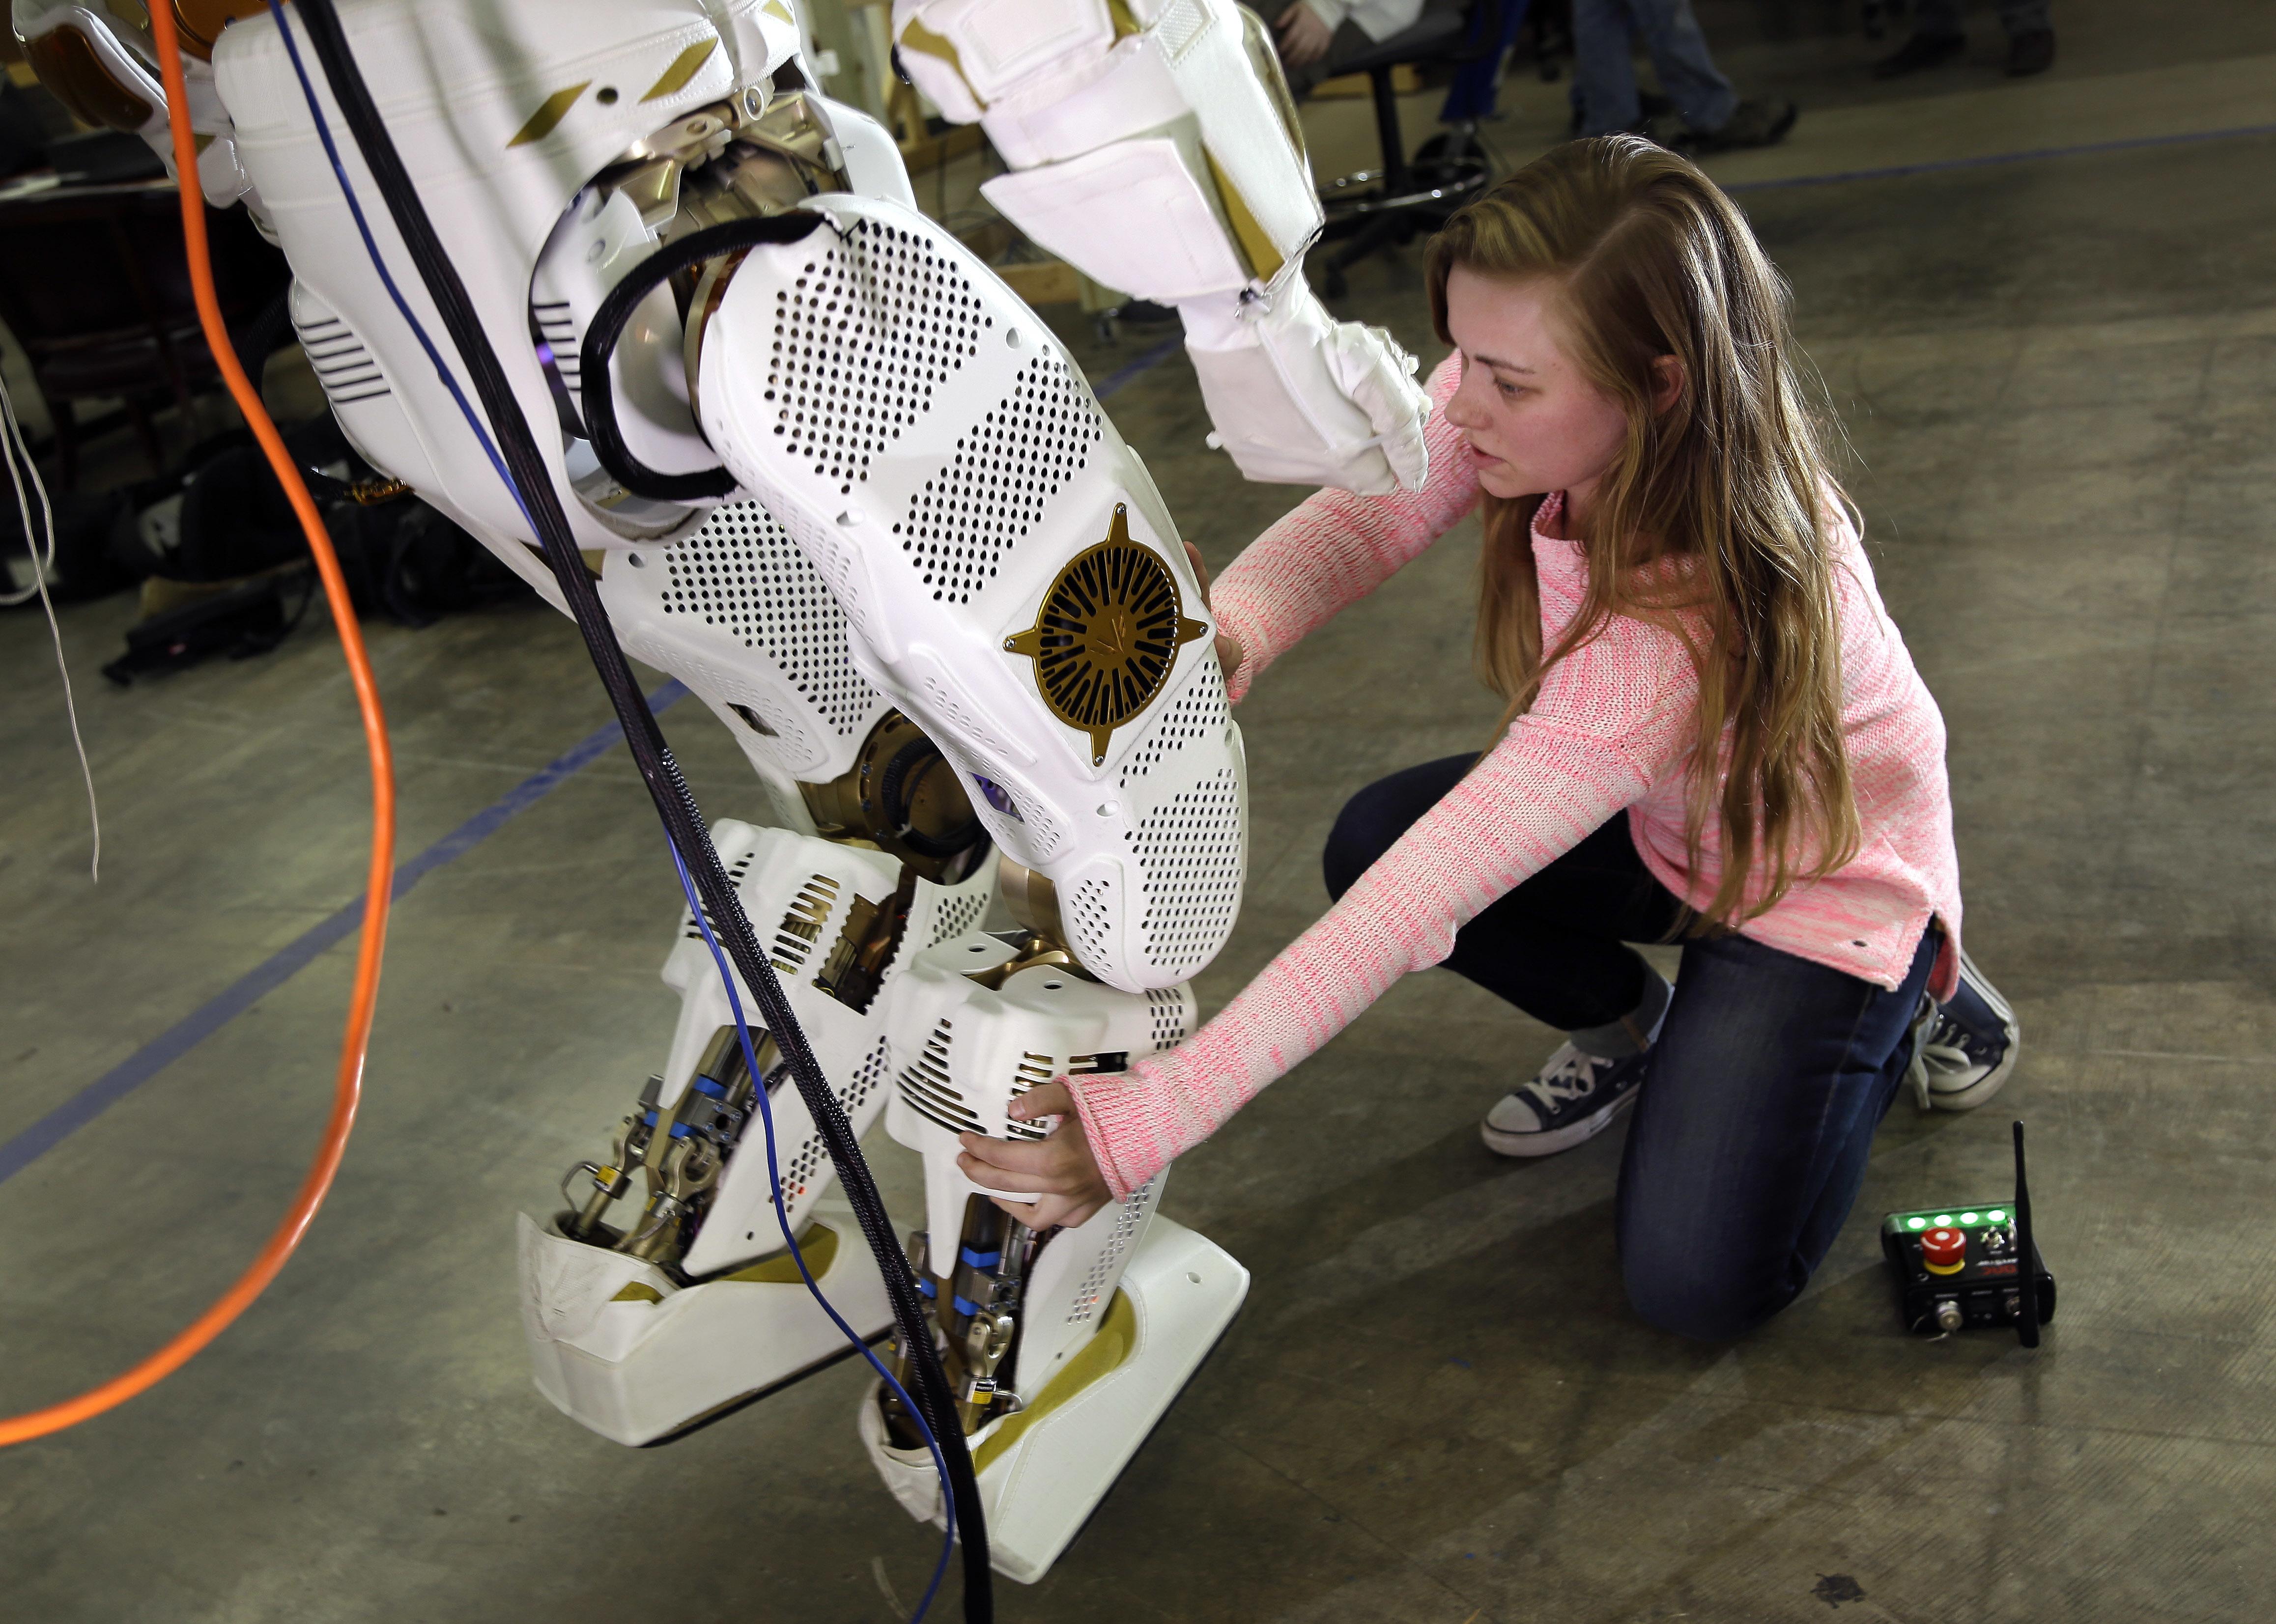 امرأة تعدل الروبوت (© AP Images)